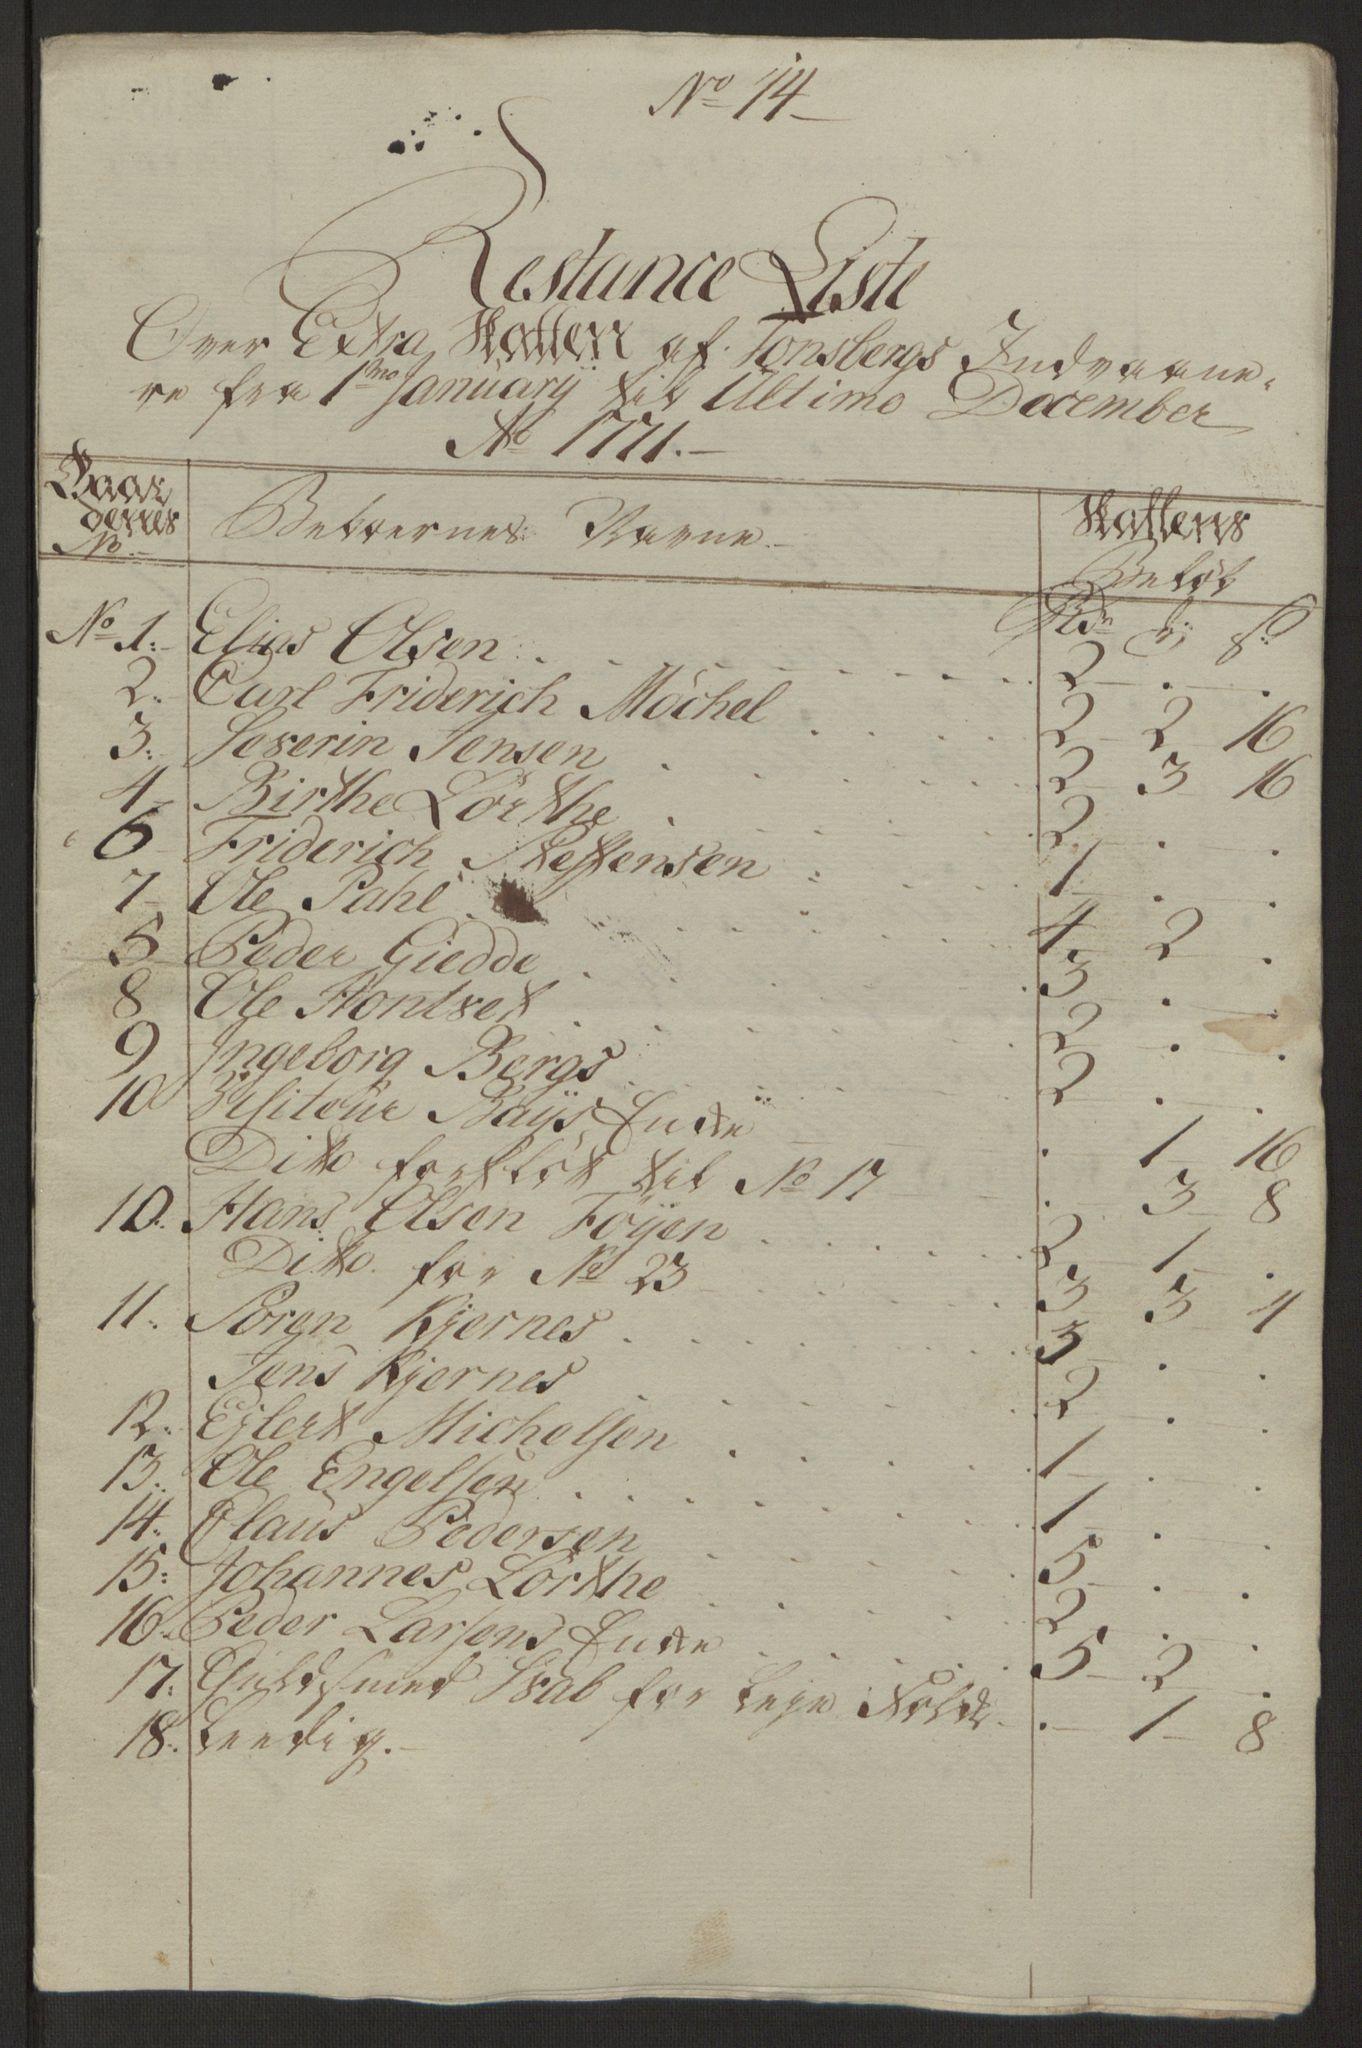 RA, Rentekammeret inntil 1814, Reviderte regnskaper, Byregnskaper, R/Rh/L0162: [H4] Kontribusjonsregnskap, 1762-1772, s. 393